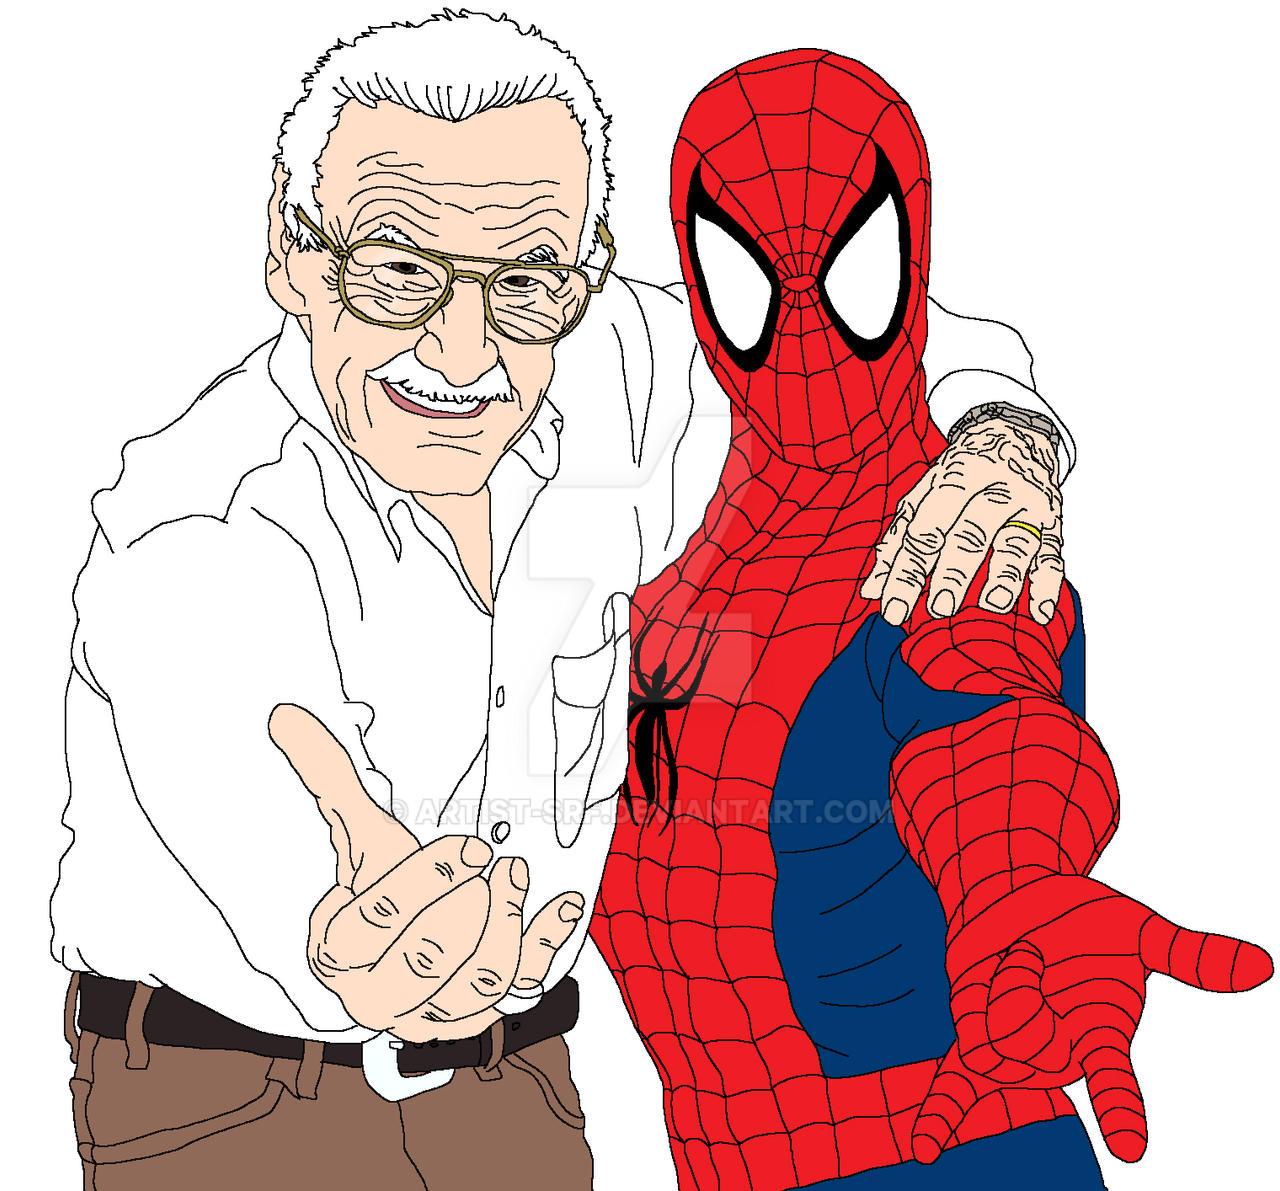 Stan Lee And Spider-Man By ARTIST-SRF On DeviantArt